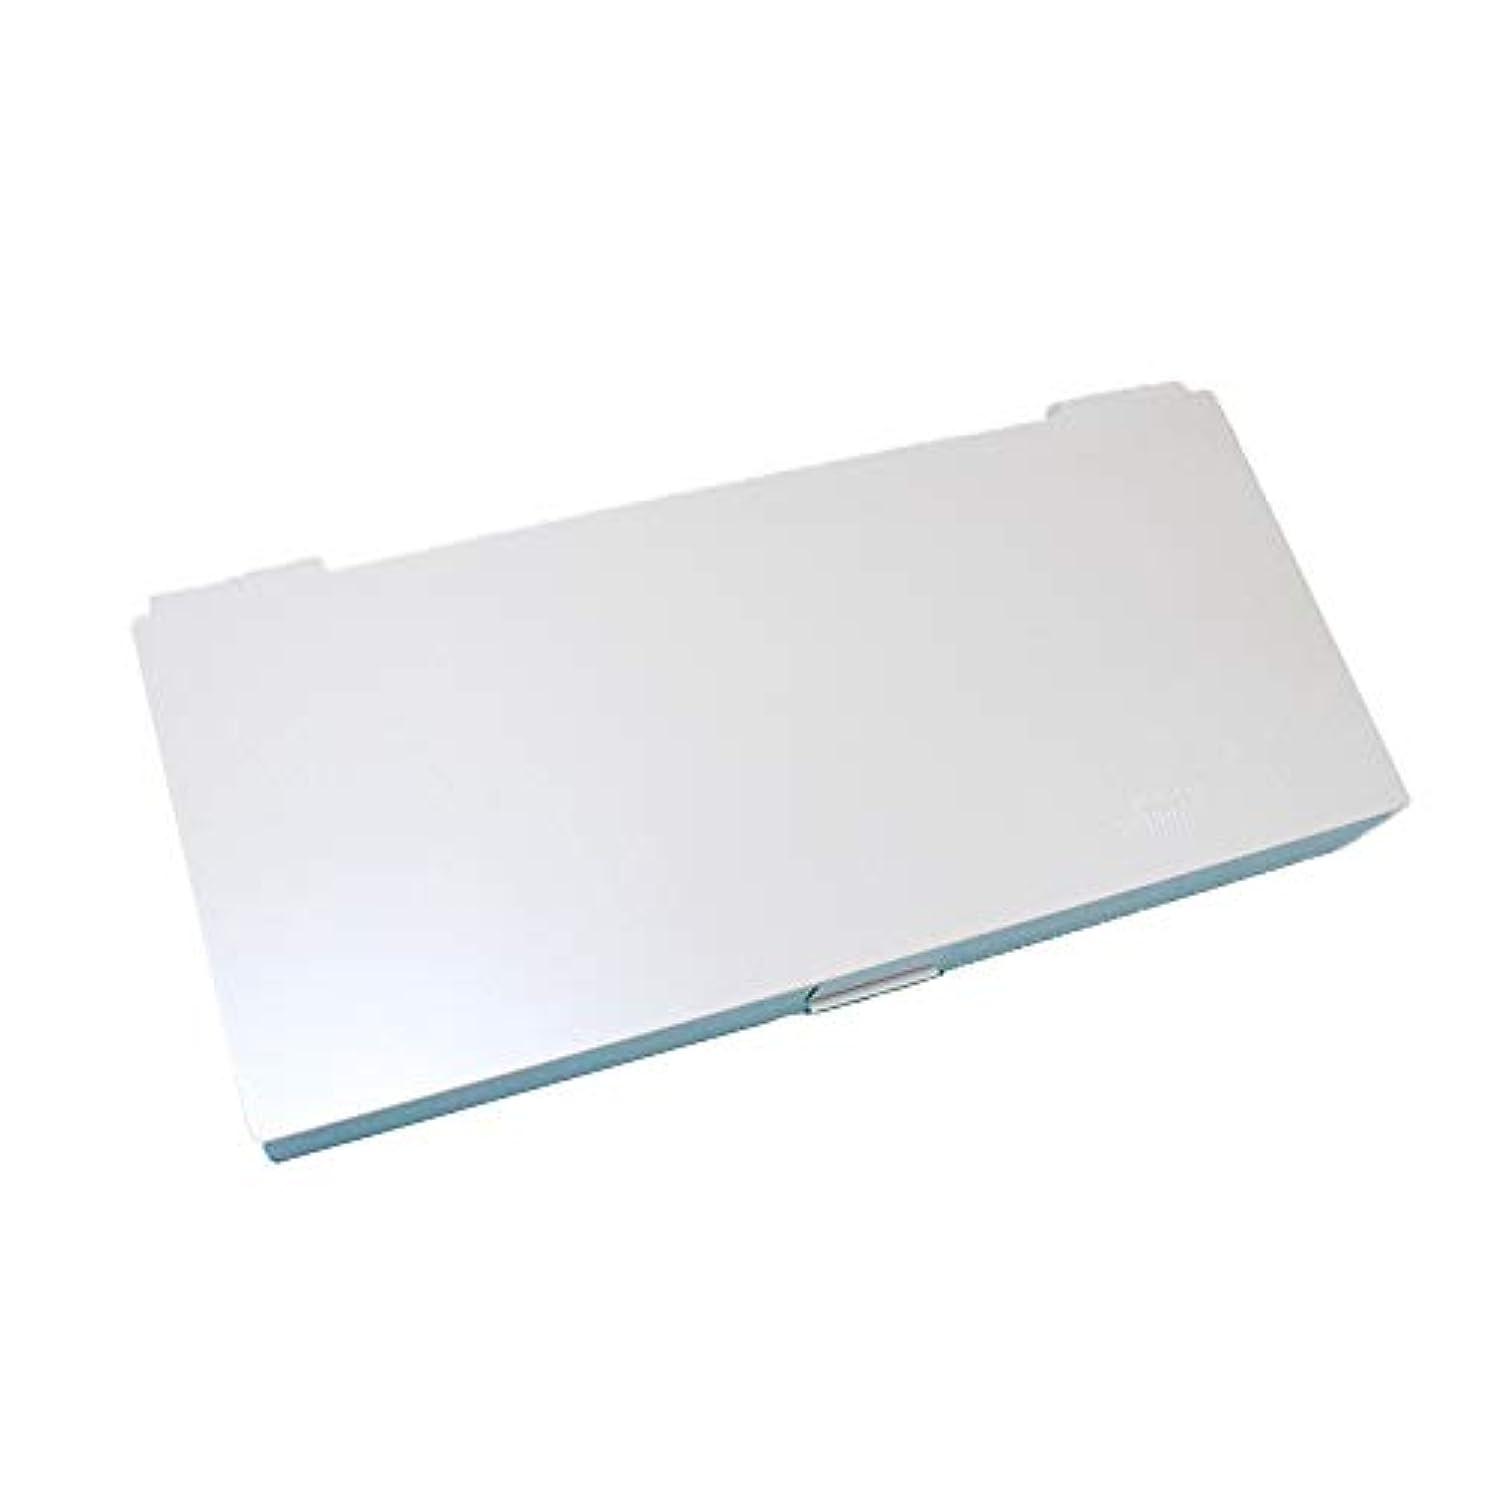 ヶ月目ハミングバード貼り直すスタイリングシステムボックス (ホワイト) ノンスリップ ヘアピン ケース コスメボックス メイクボックス メークボックス メイクケース メークケース